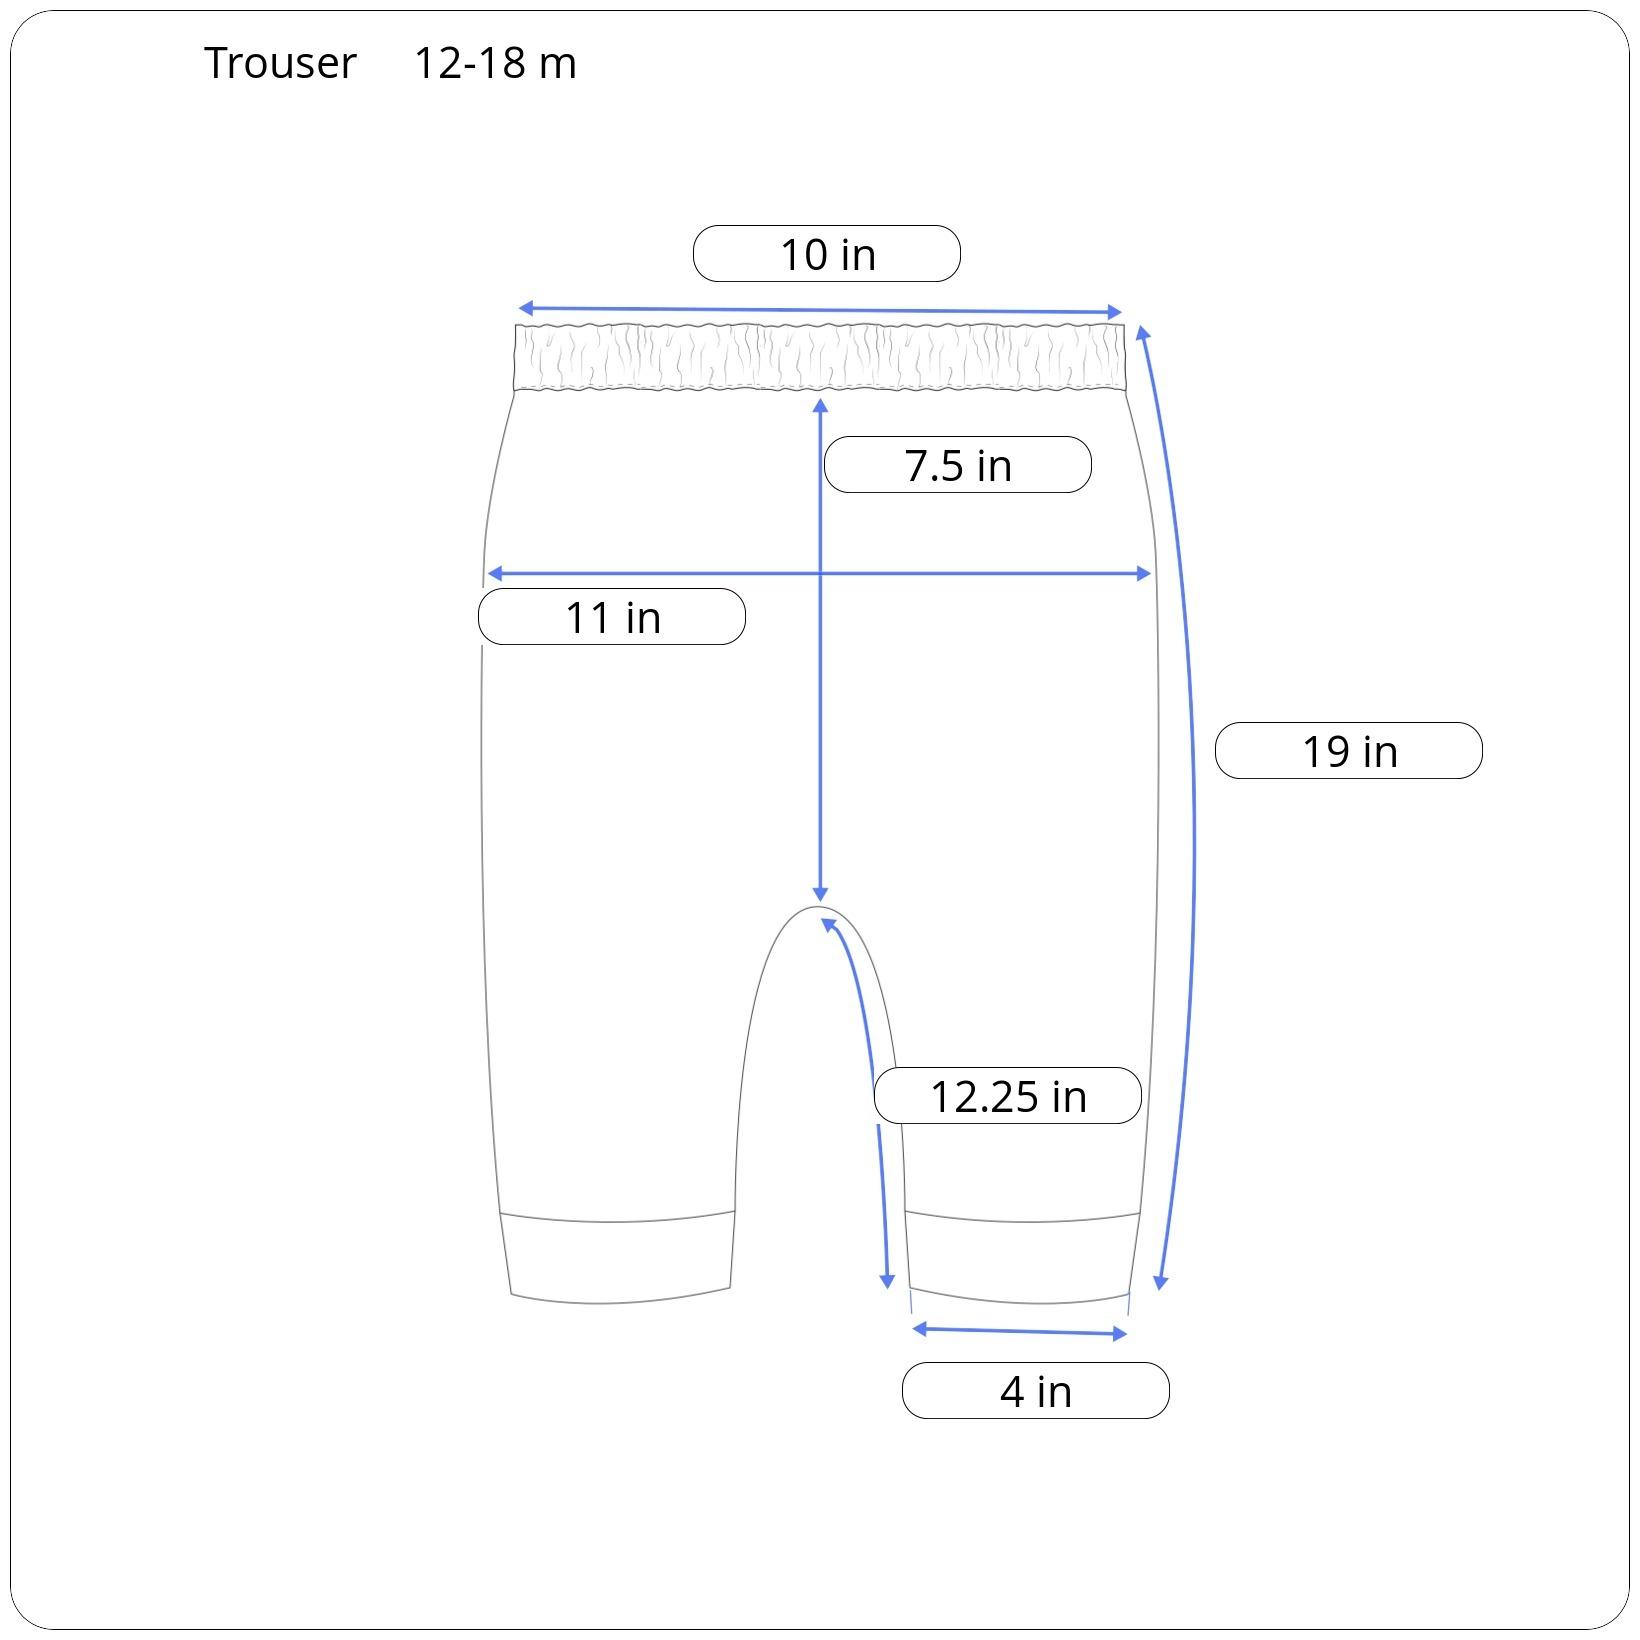 -Trouser-12-18 m-2.jpg